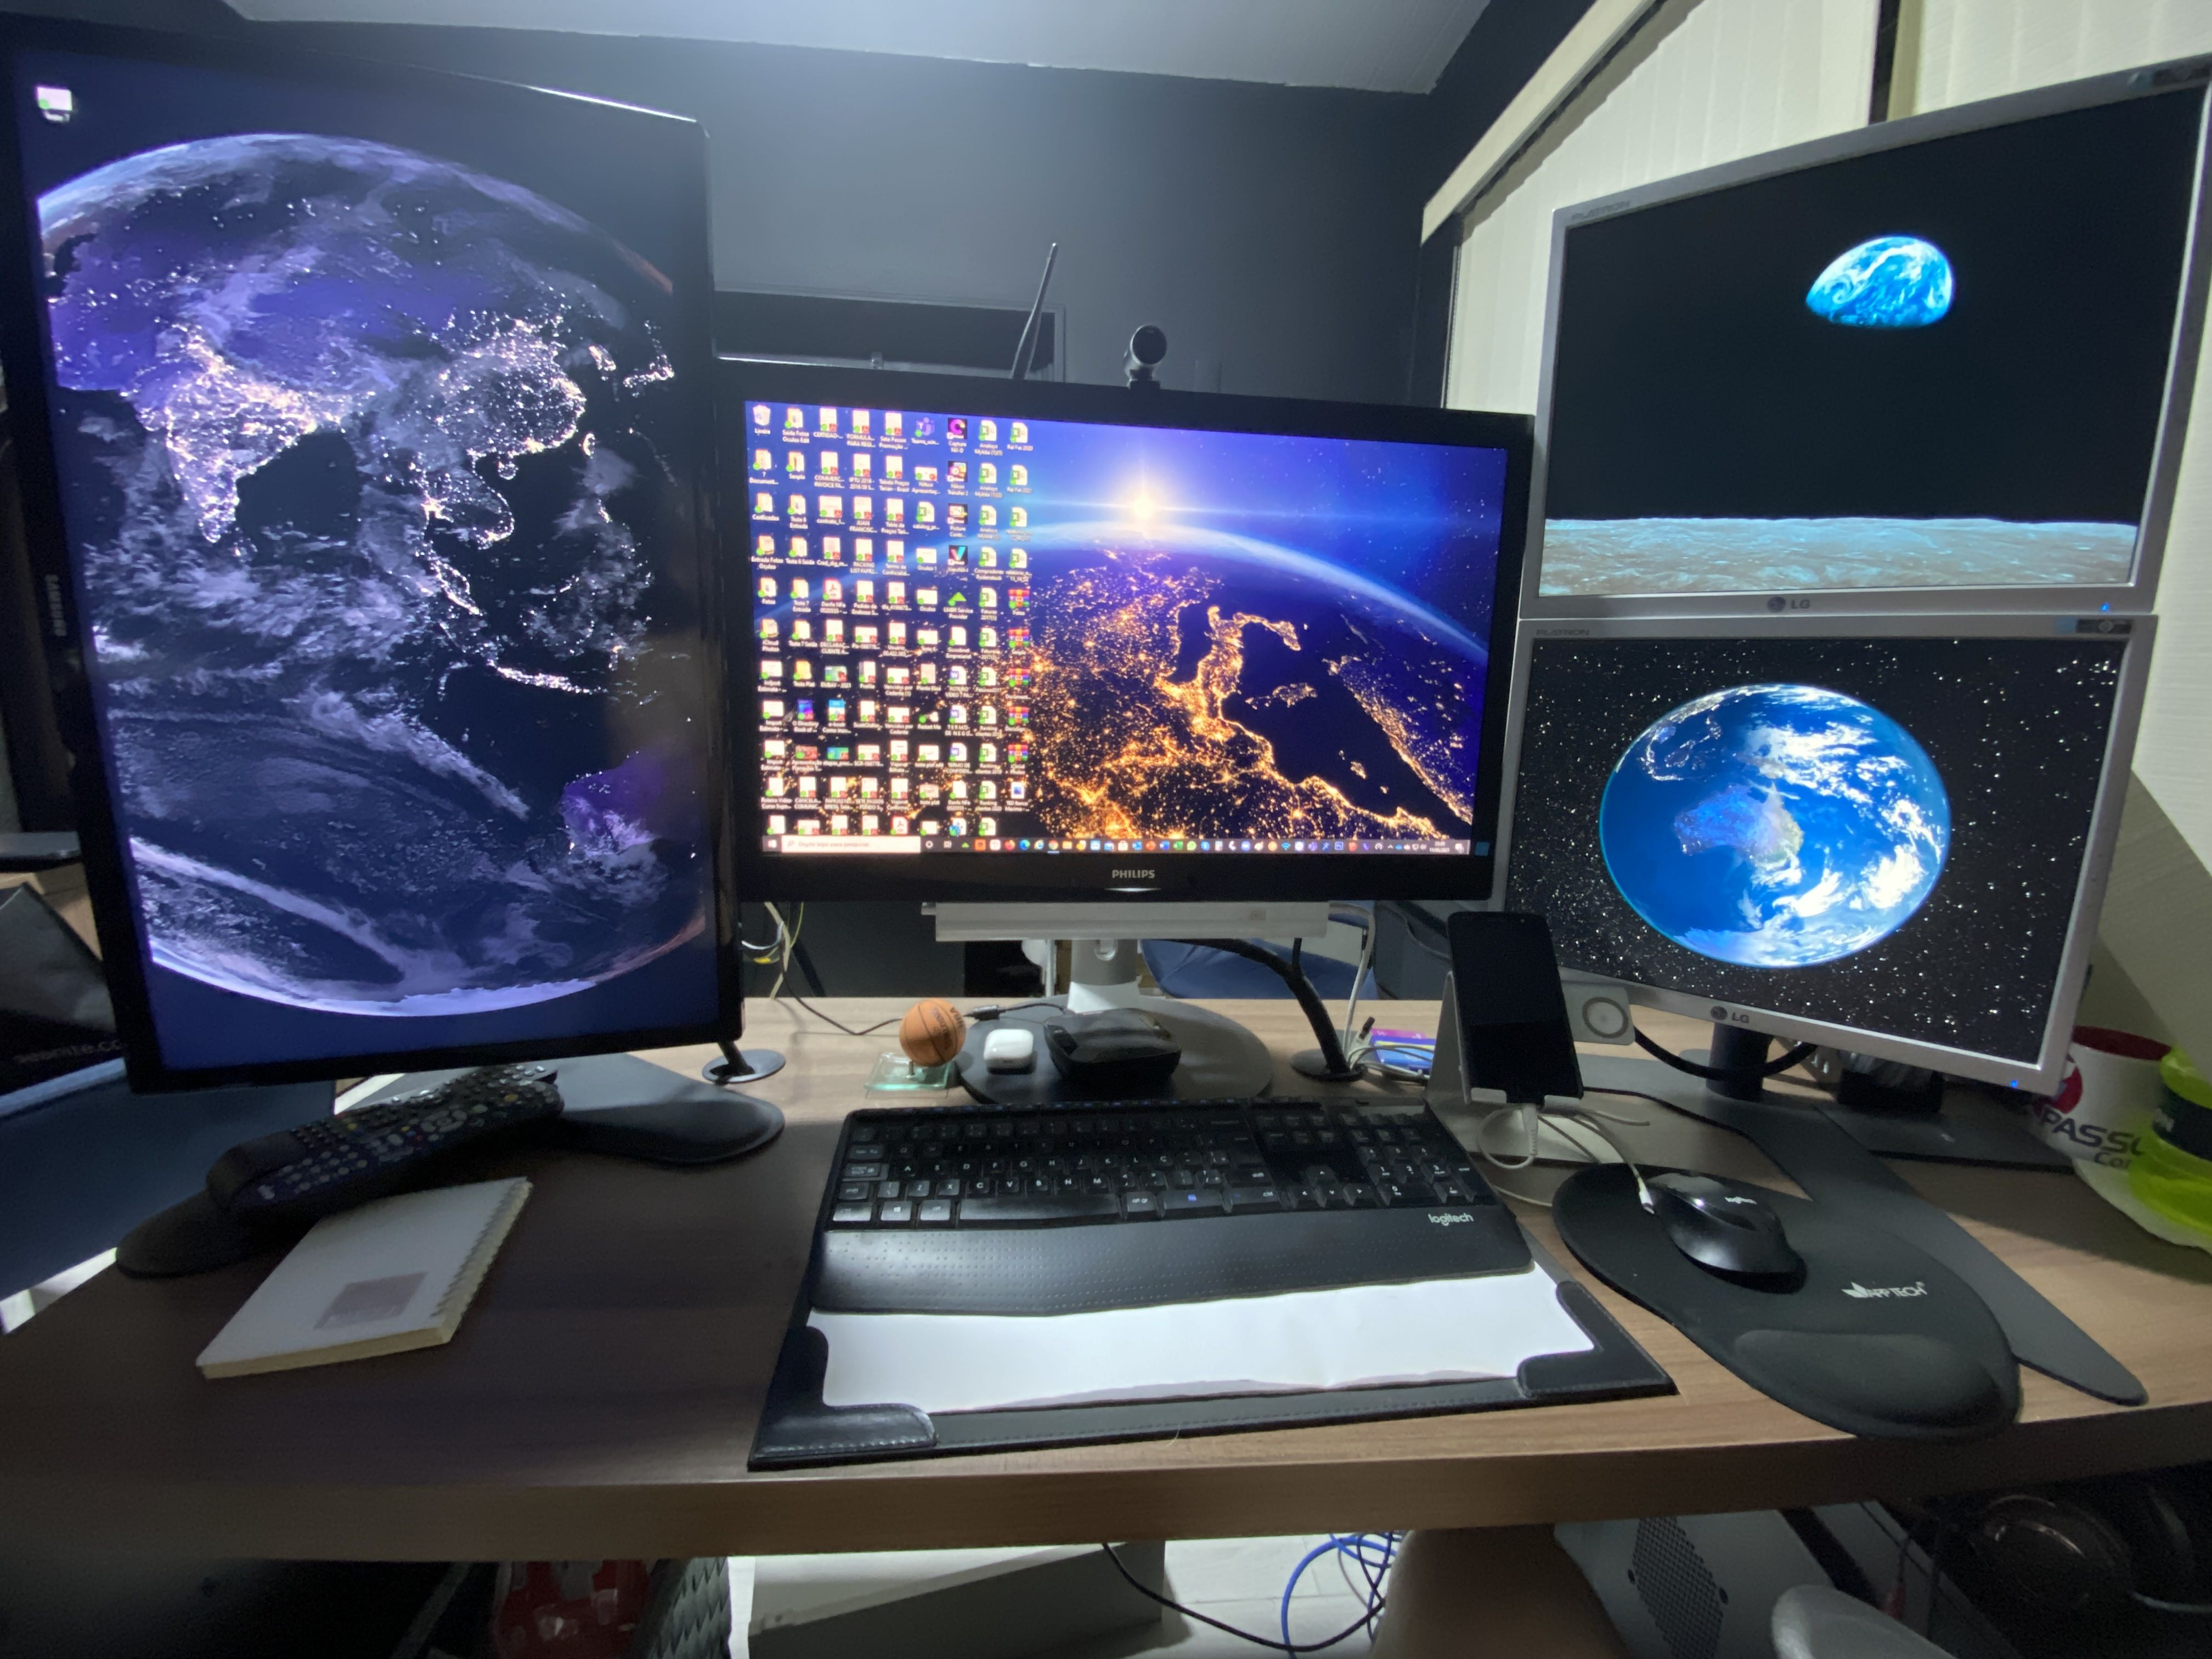 Montagem, instalação e configuração de PC com 4 monitores, rede cabeada com internet de 300GB.